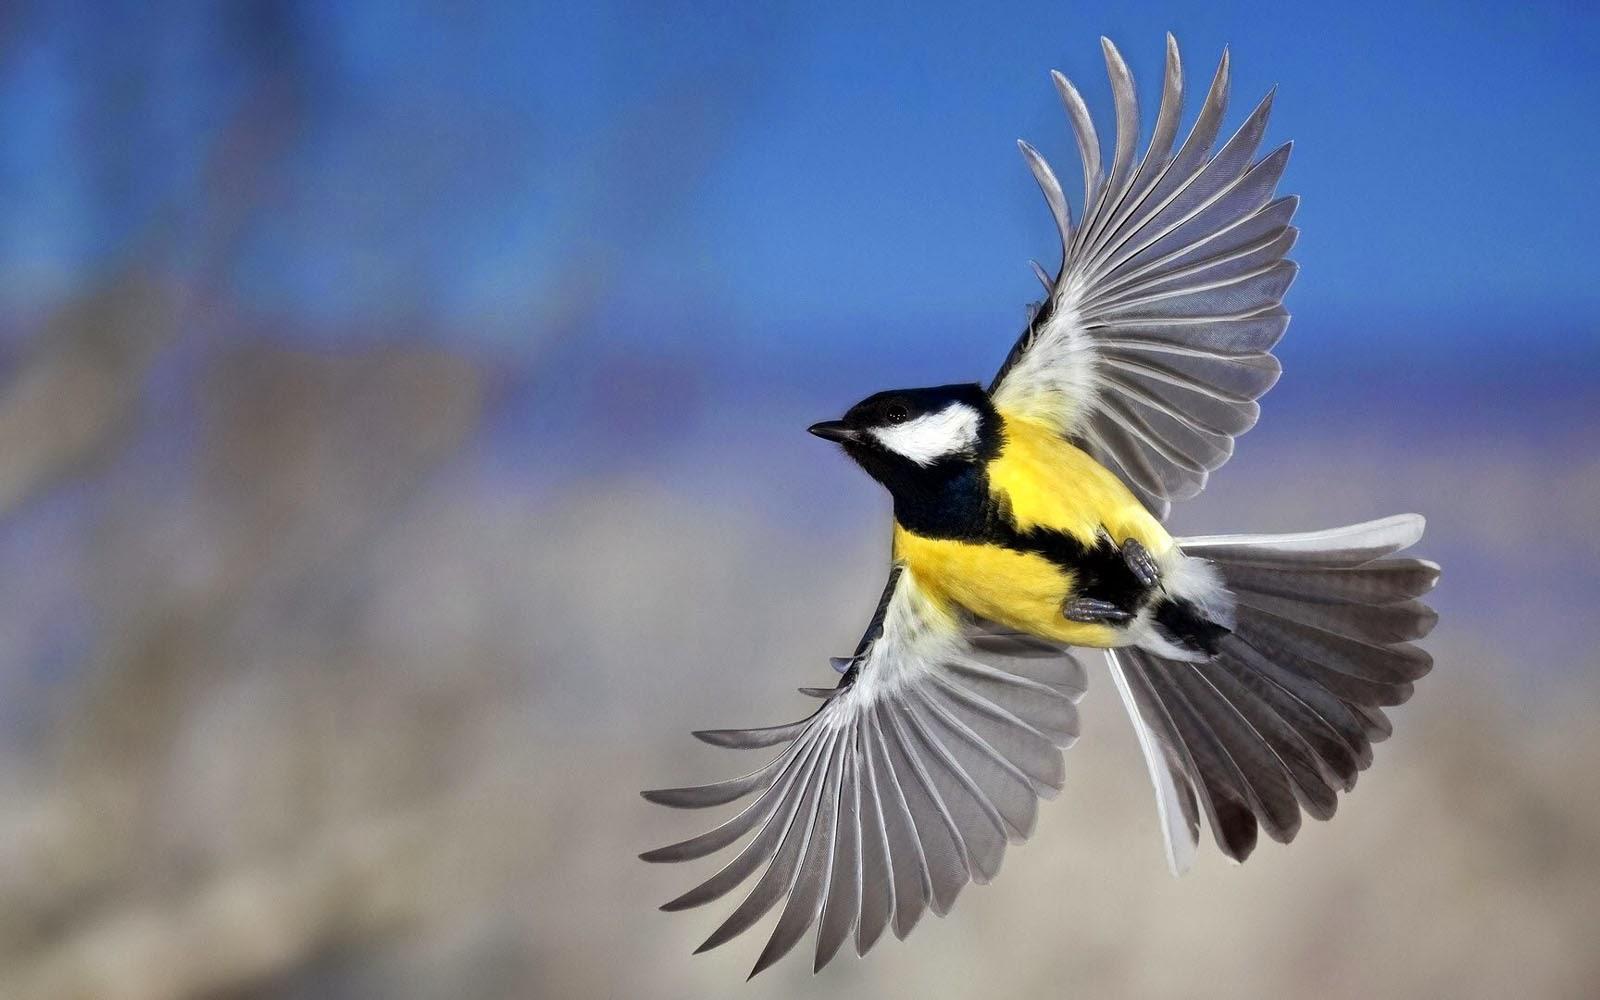 Flying Birds Wallpapers - Top Wallpaper Desktop